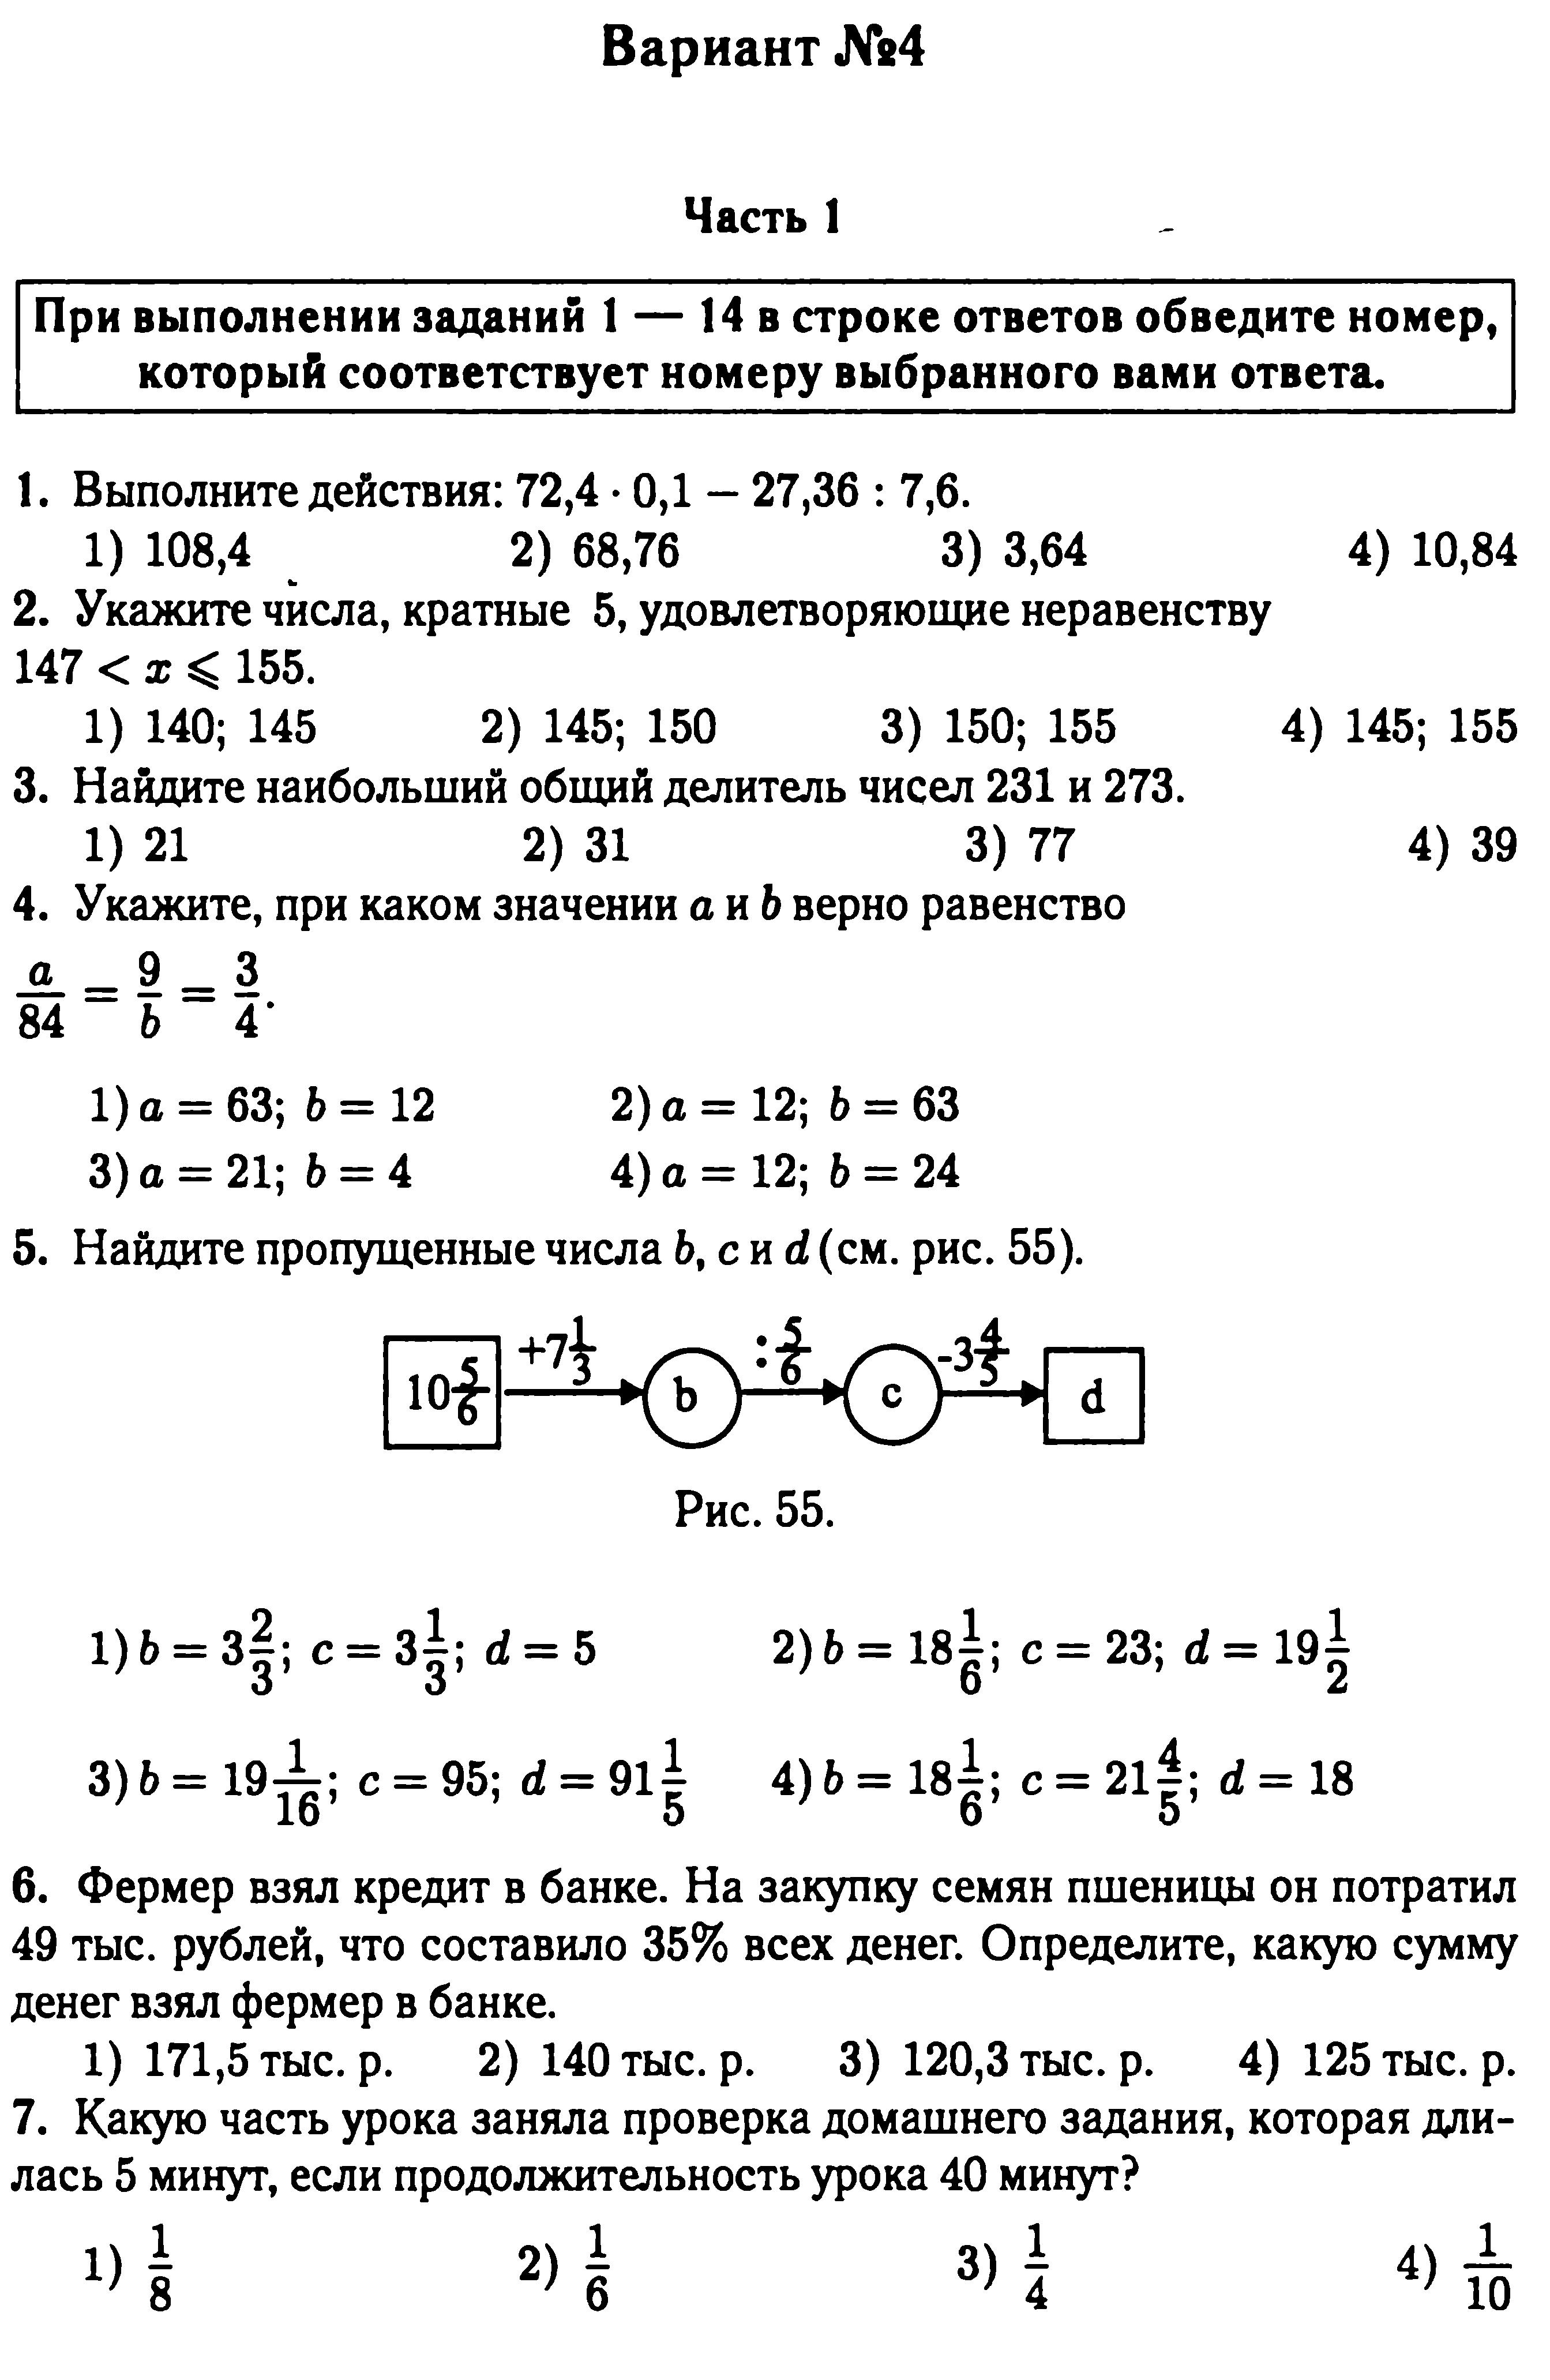 Учебник математики 5 класс зубарева 45 среднее арифметическое деление десятичной дроби на натуральное число 210